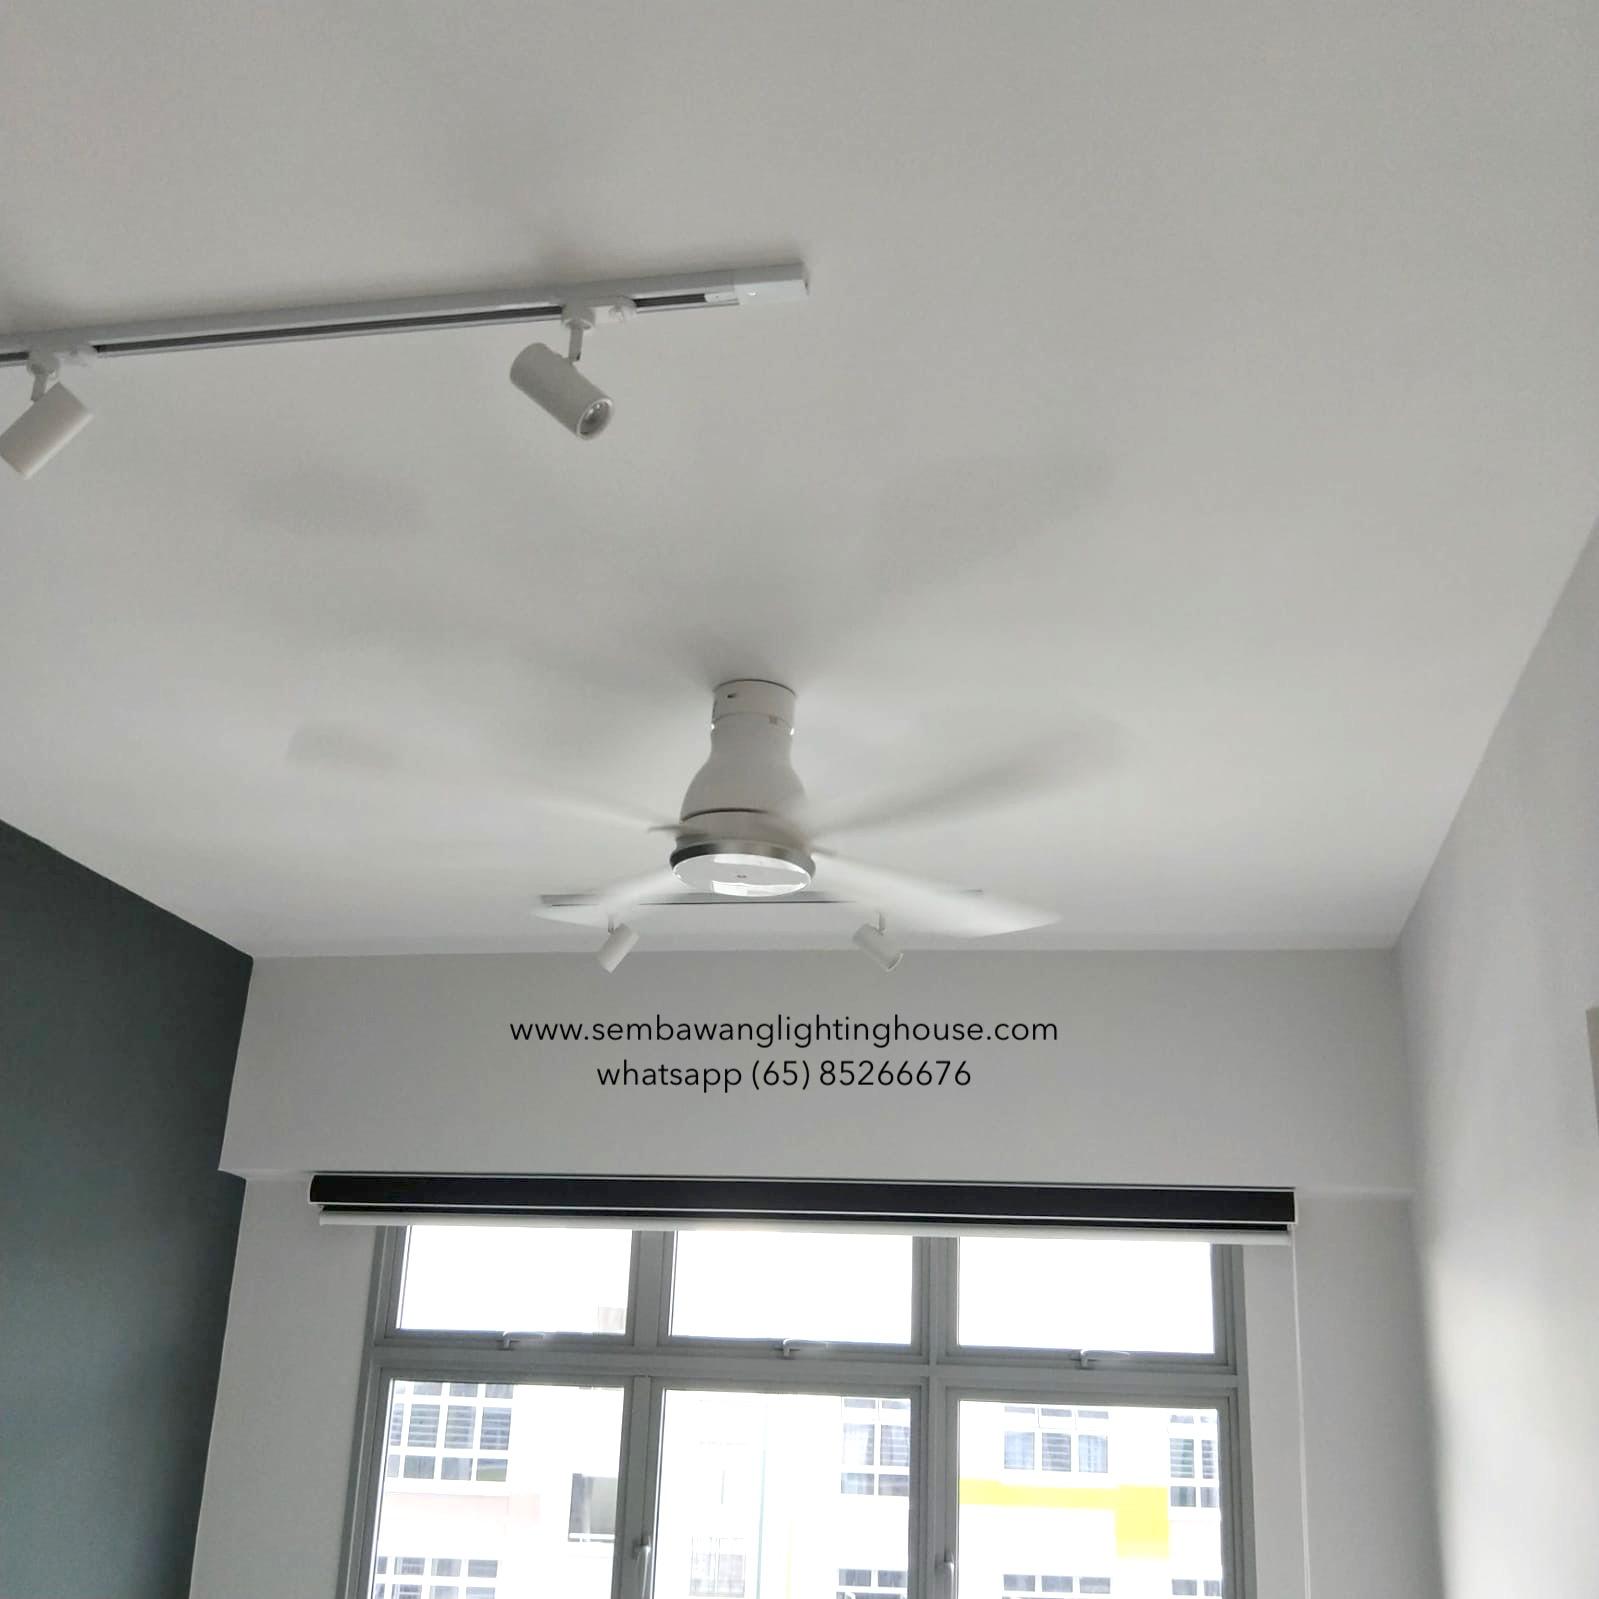 kdk-w56wv-white-ceiling-fan-sembawang-lighting-house-sample-10.jpg